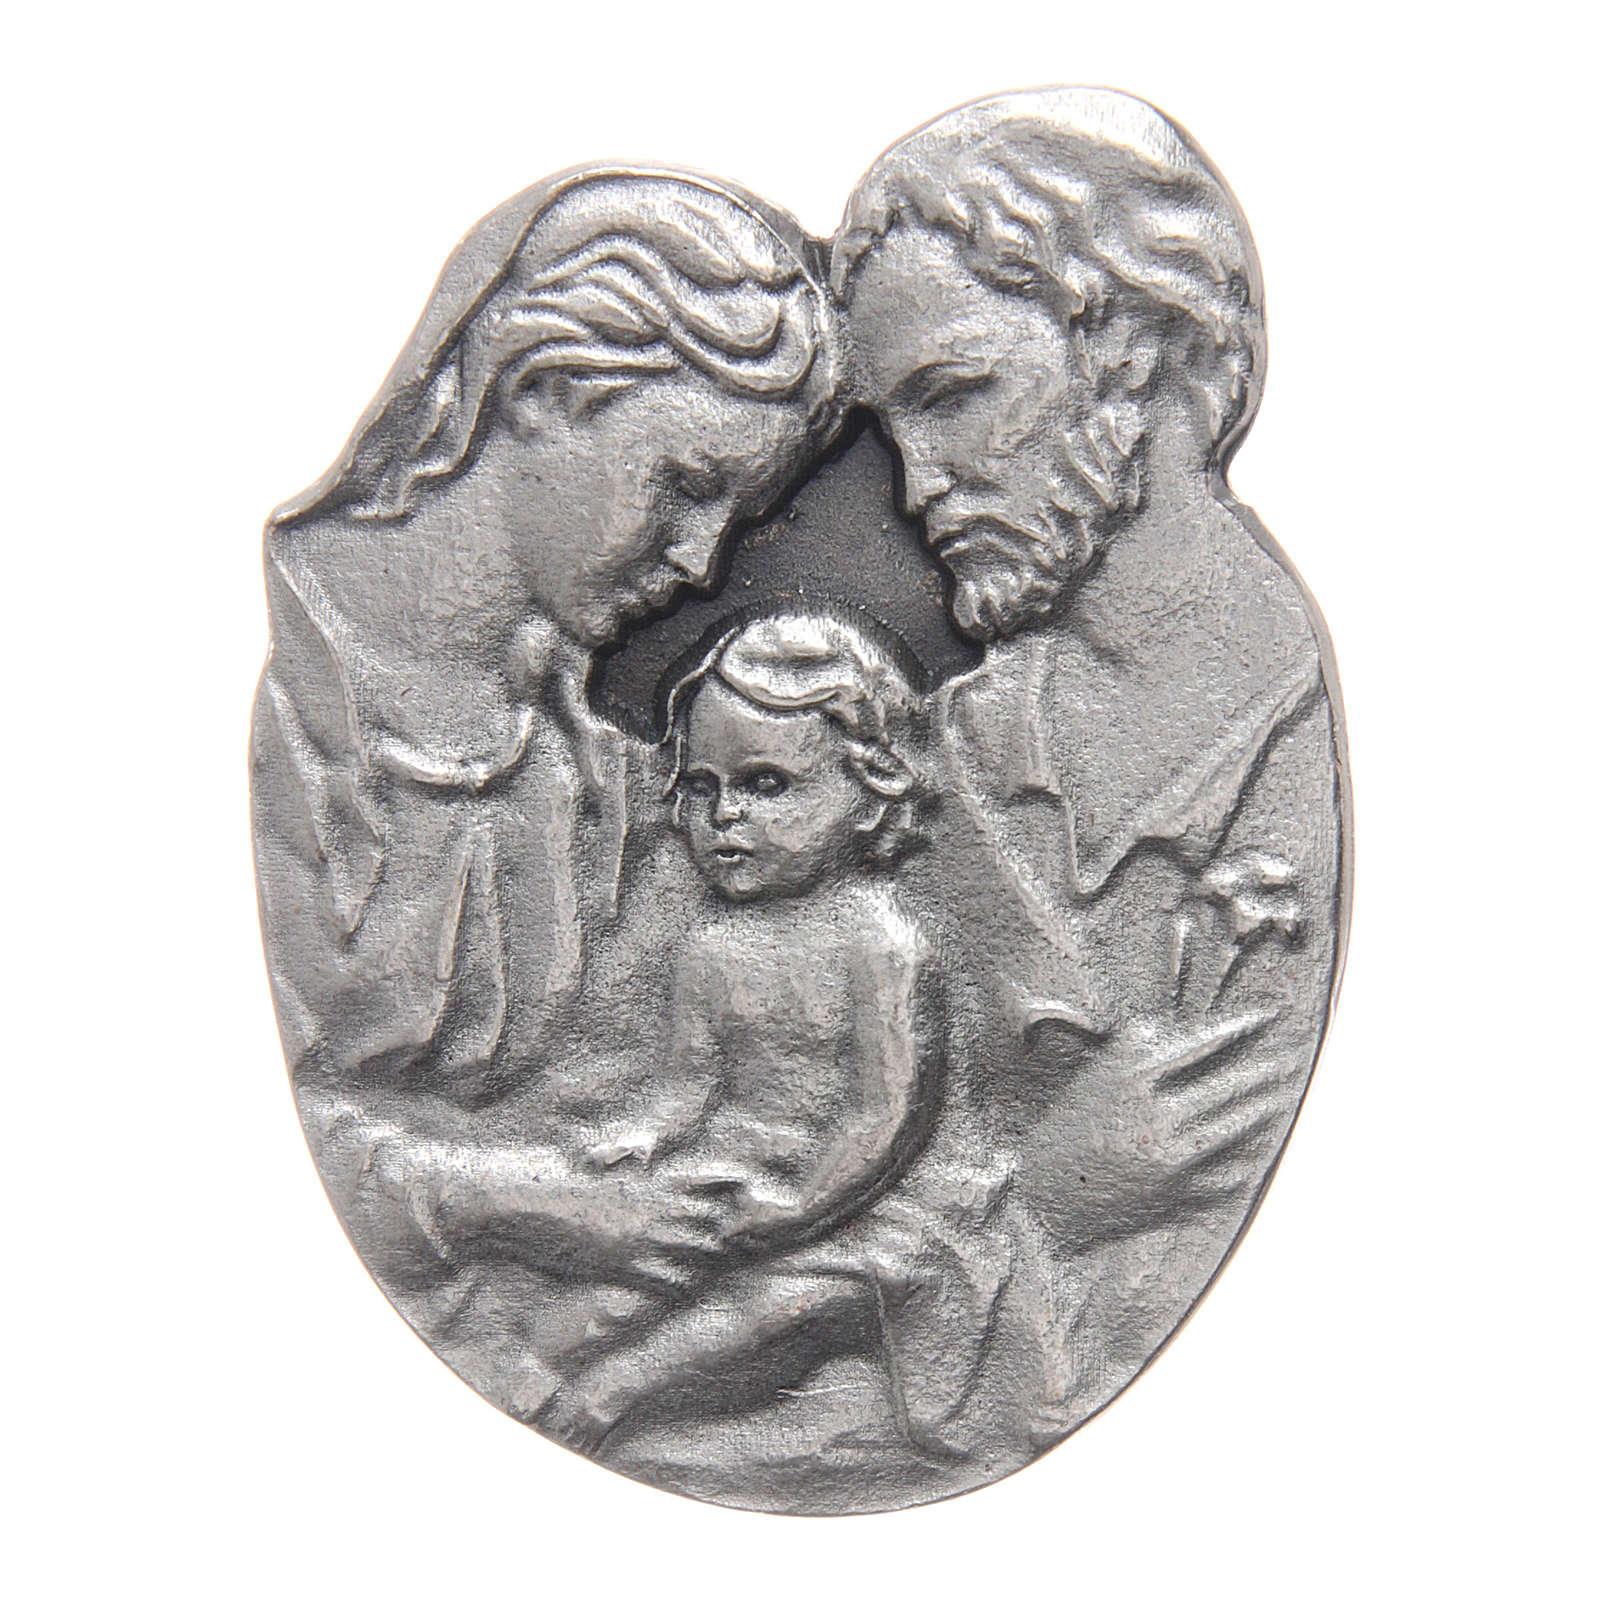 Gadżet do auta Klip Święta Rodzina metal posrebrzany relief 5x3 cm 4